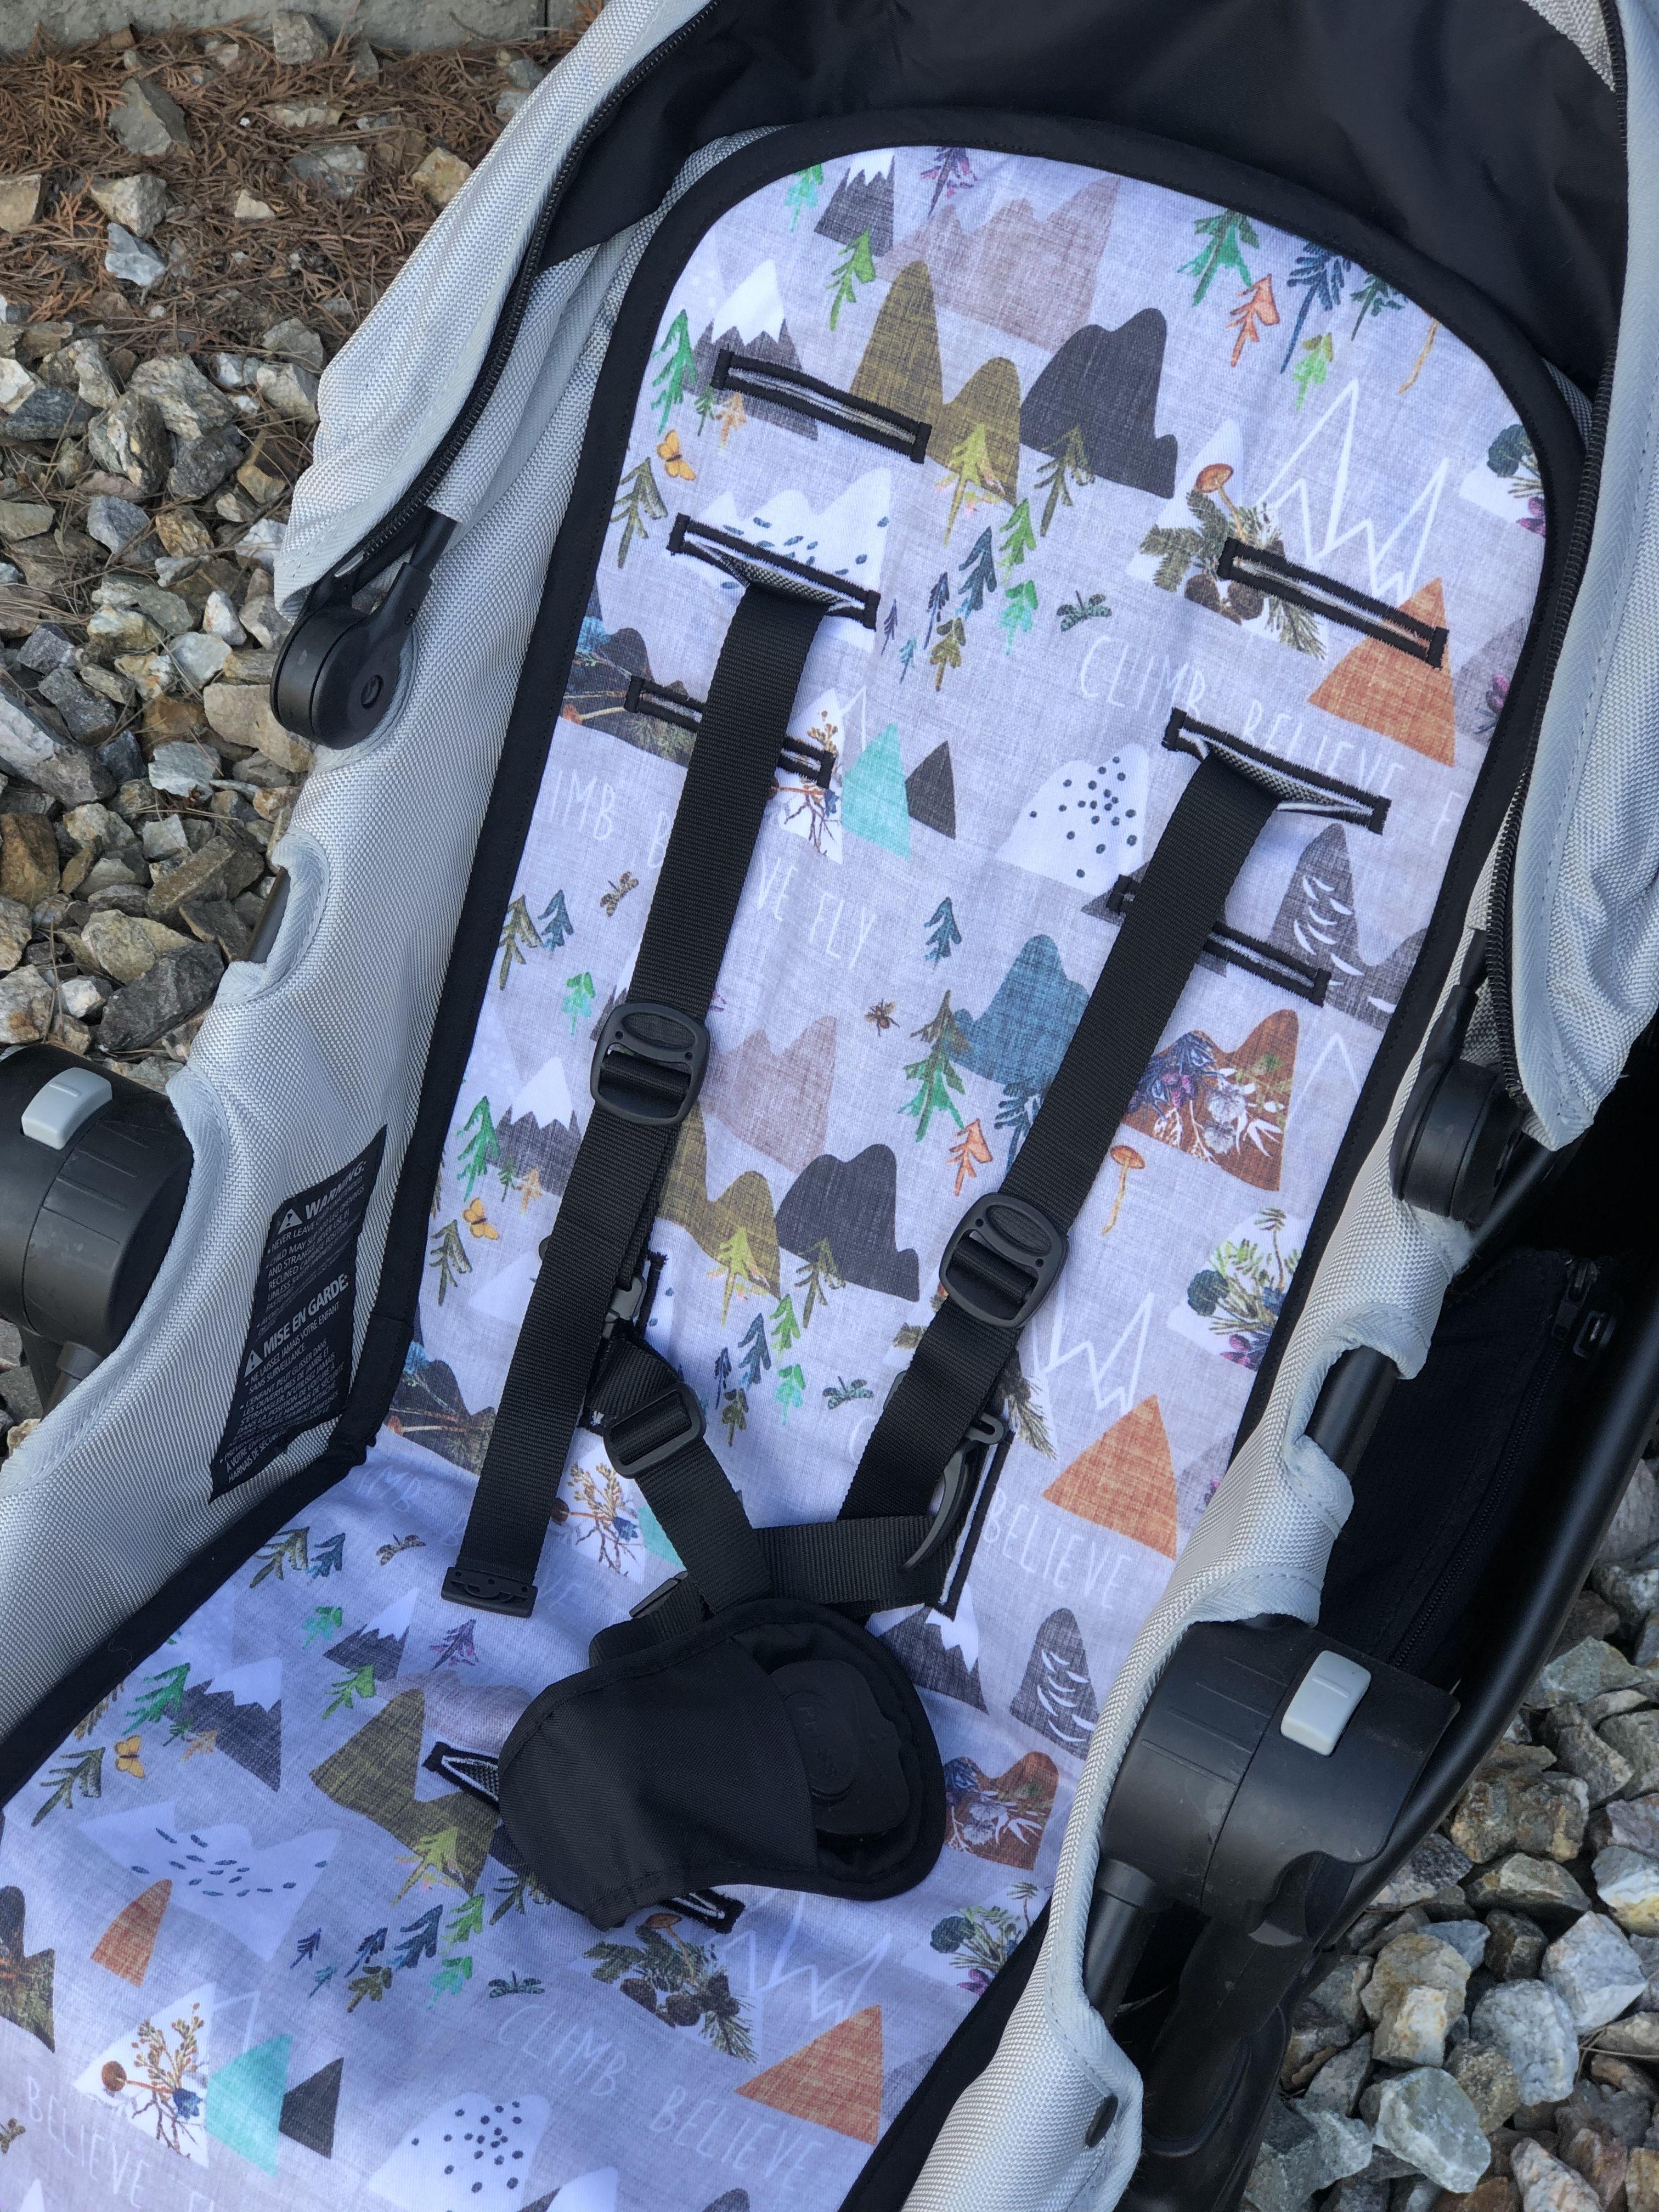 City select stroller liner Stroller liner, Stroller